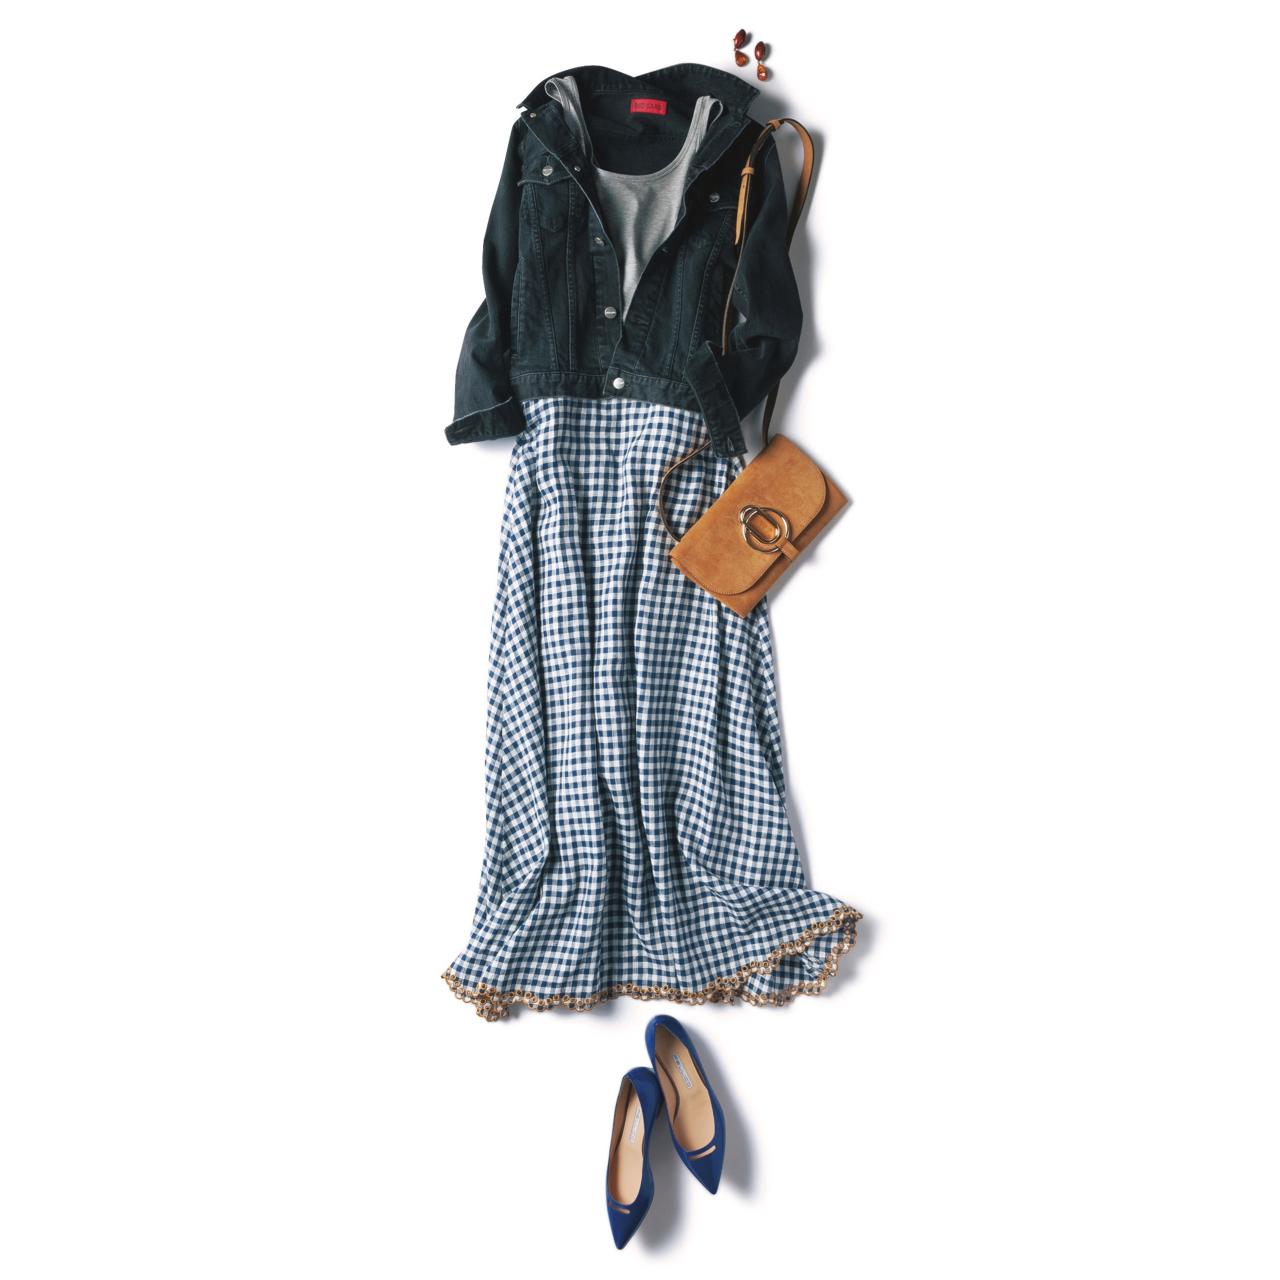 ギンガムチェック柄スカートのファッションコーデ